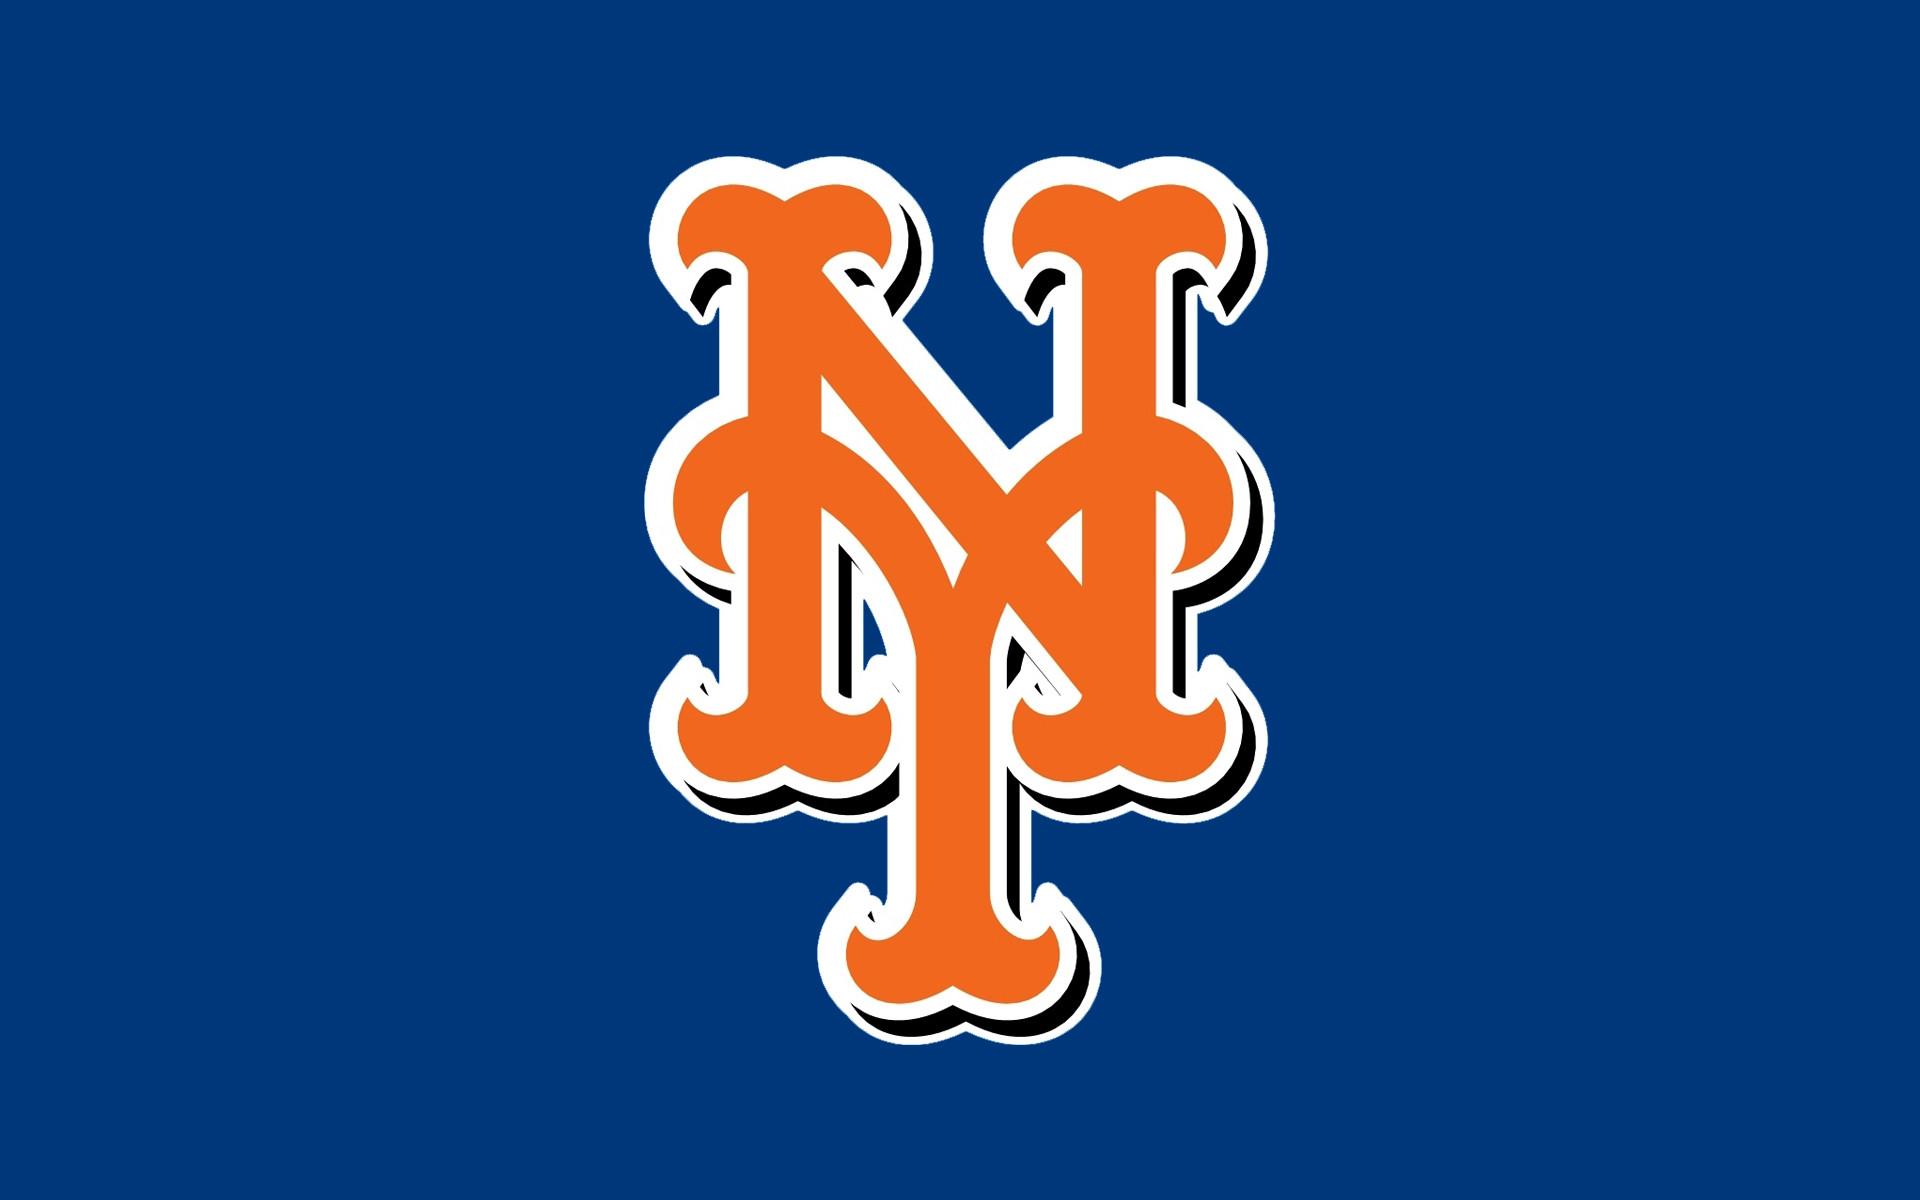 New York Mets Wallpaper